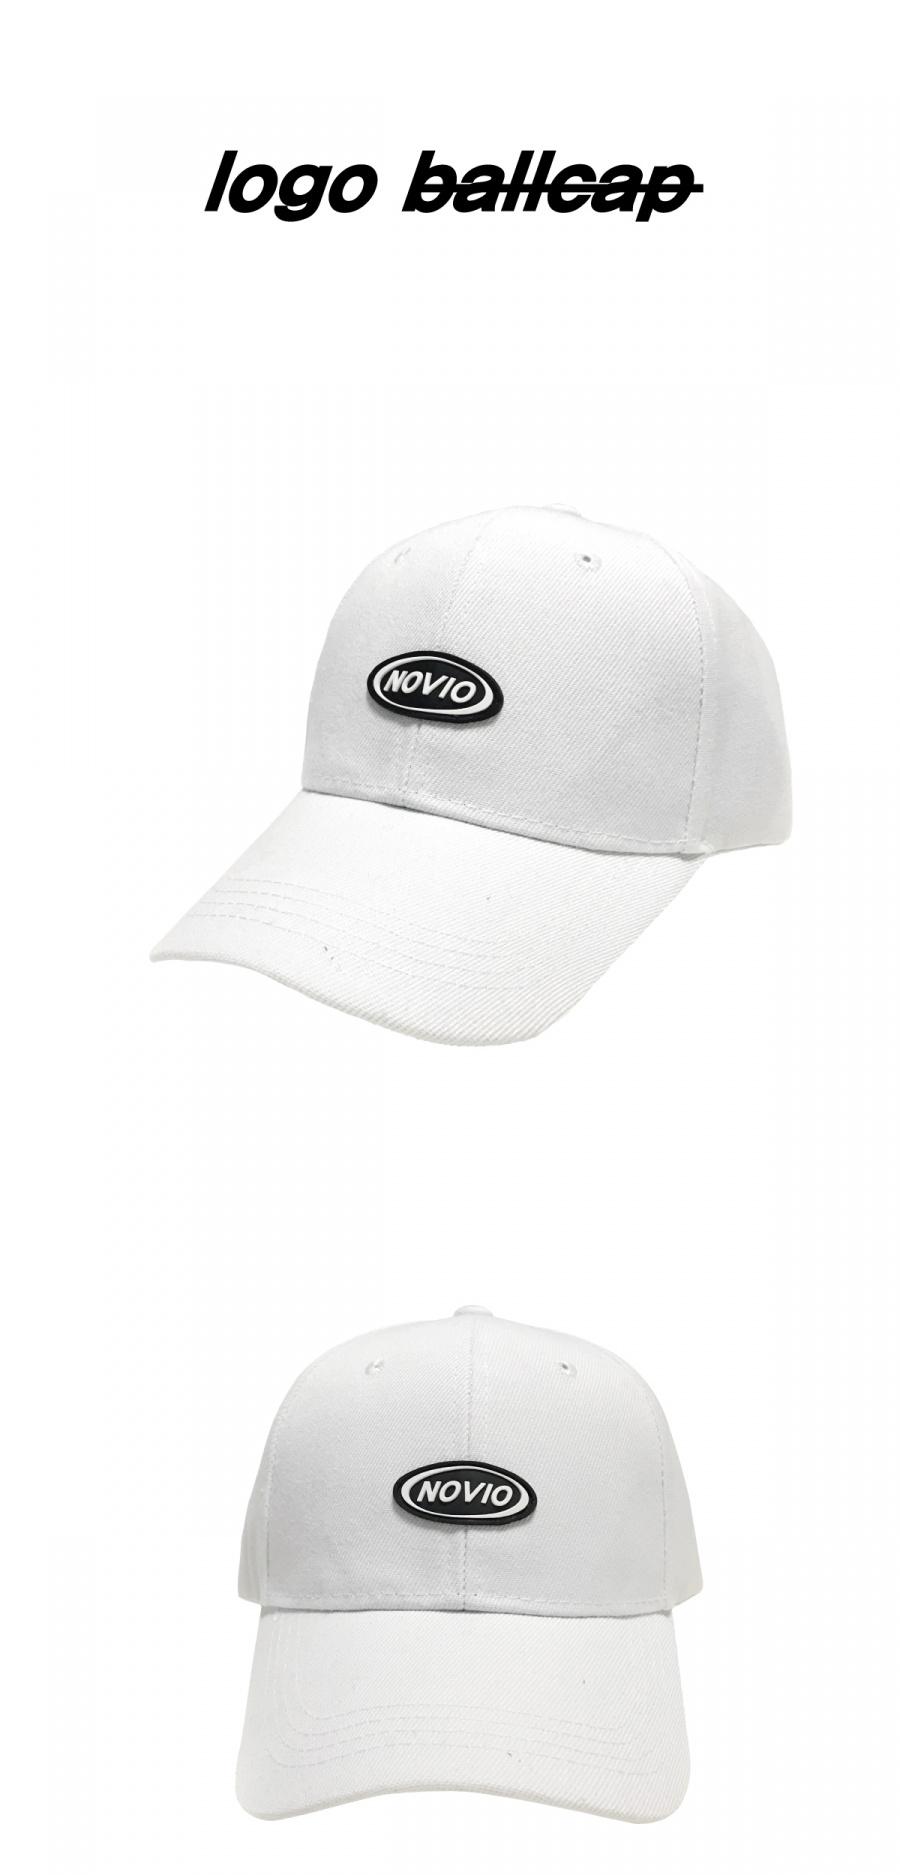 노비오(NOVIO) 로고 볼캡_화이트